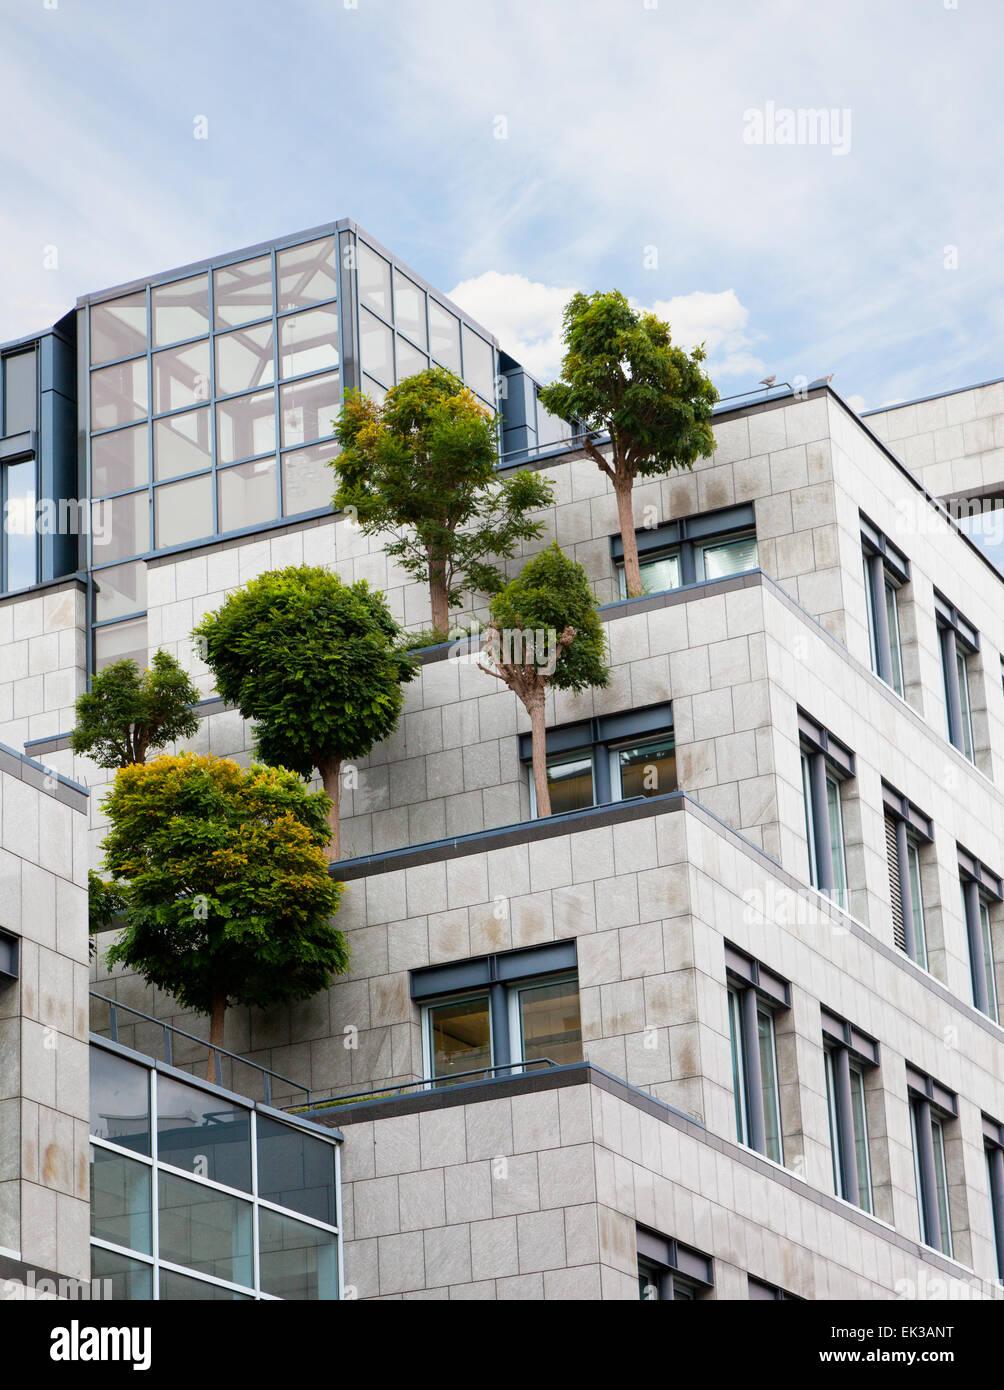 Alberi che crescono su un tetto del centro business, la soluzione dei problemi ambientali Immagini Stock